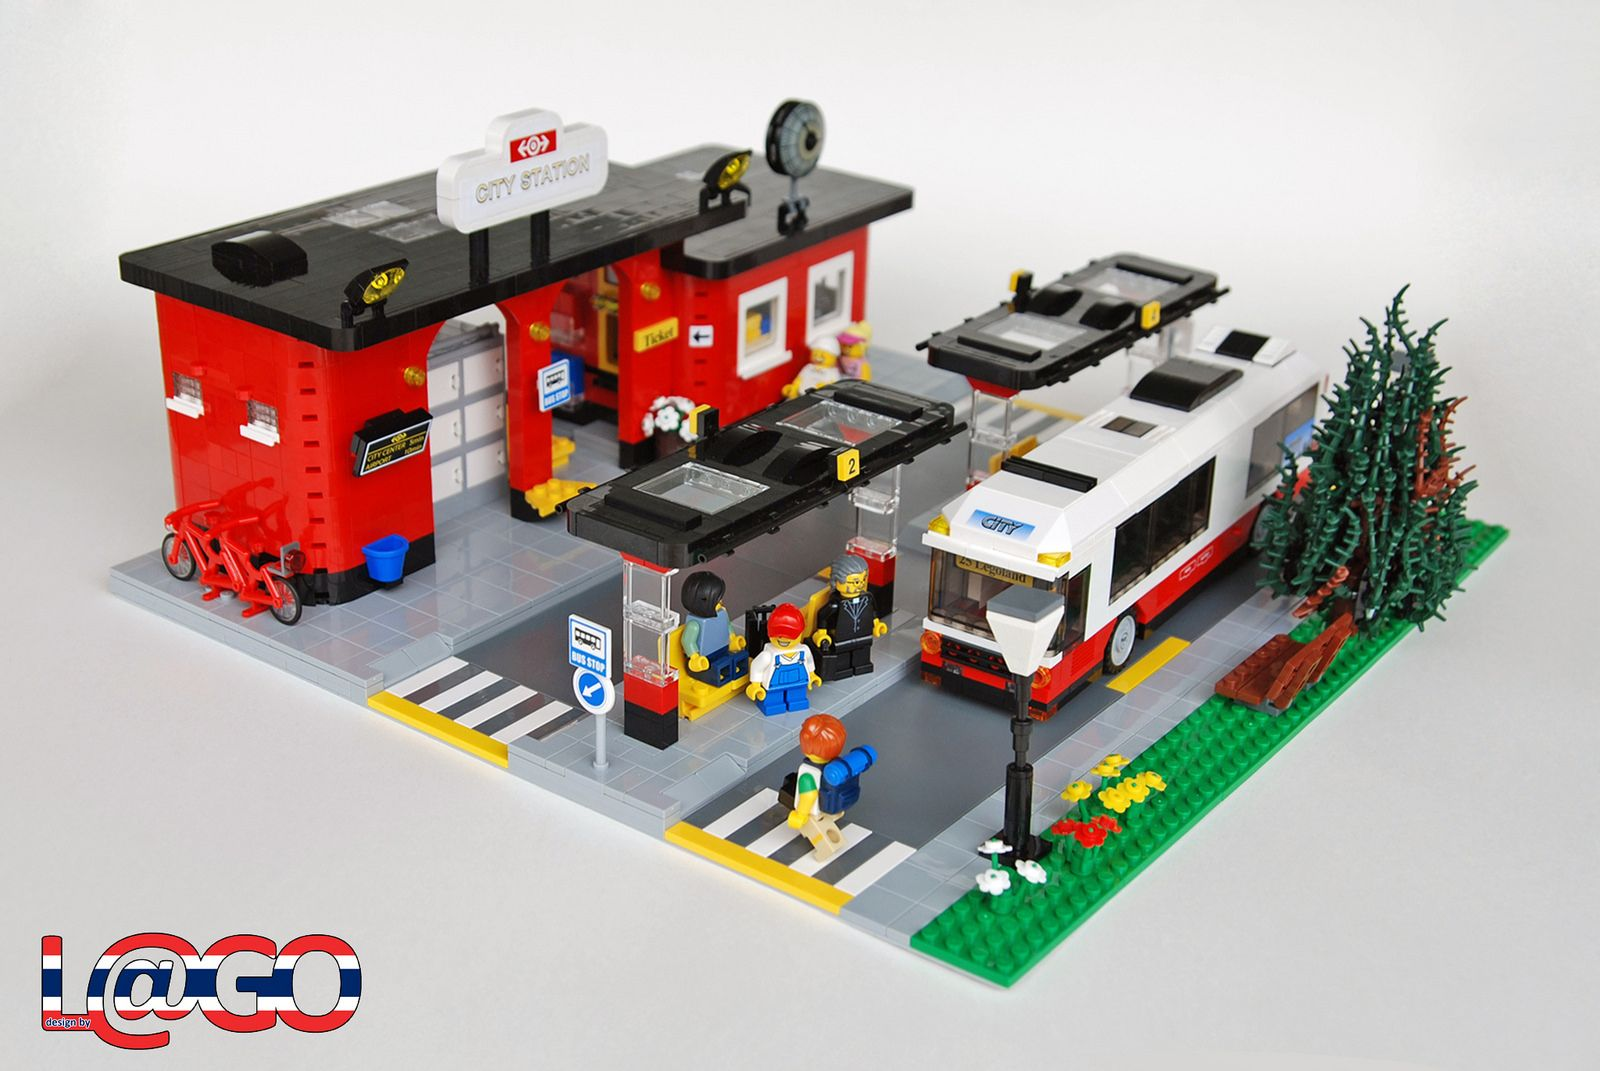 City Station 1 Lego Building Lego Lego Modular Lego House